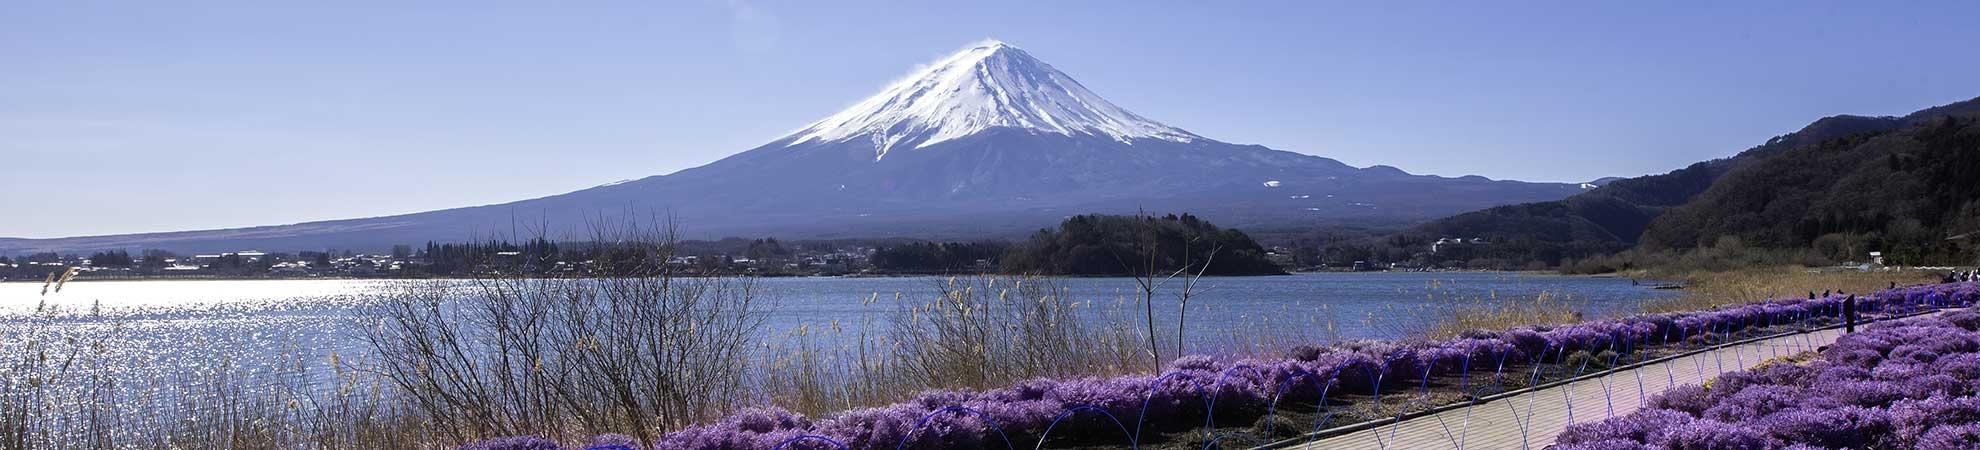 Voyage Mont Fuji